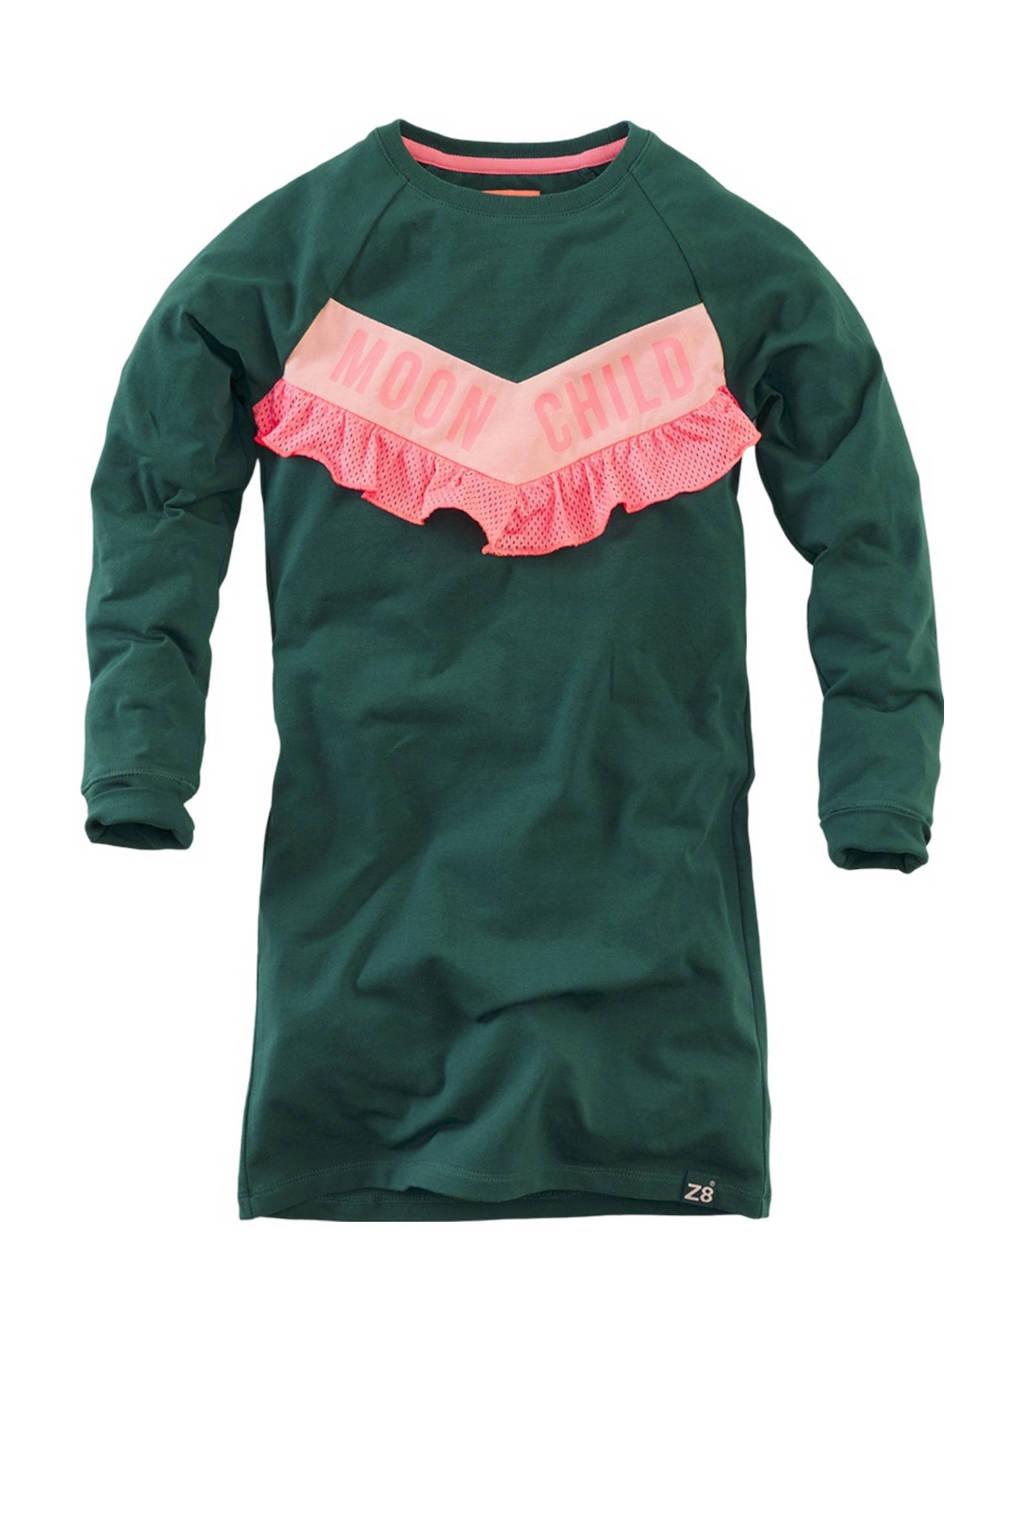 Z8 sweatjurk Tanneke met tekst en volant groen/roze, Groen/roze